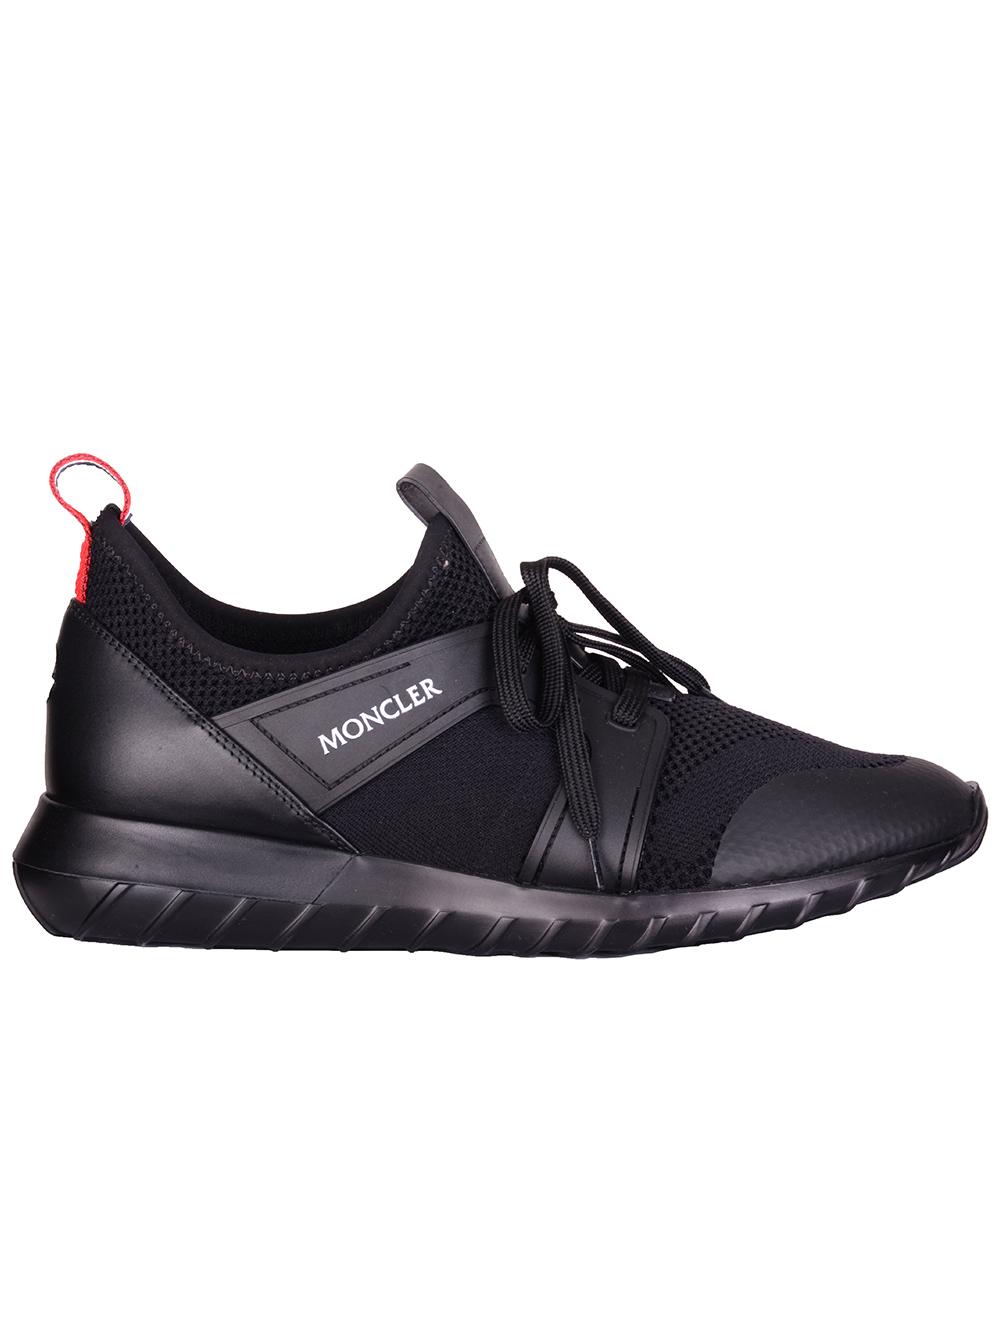 MONCLER Παπούτσια Sneakers F29A4M7000002S0P-999 ΜΑΥΡΟ